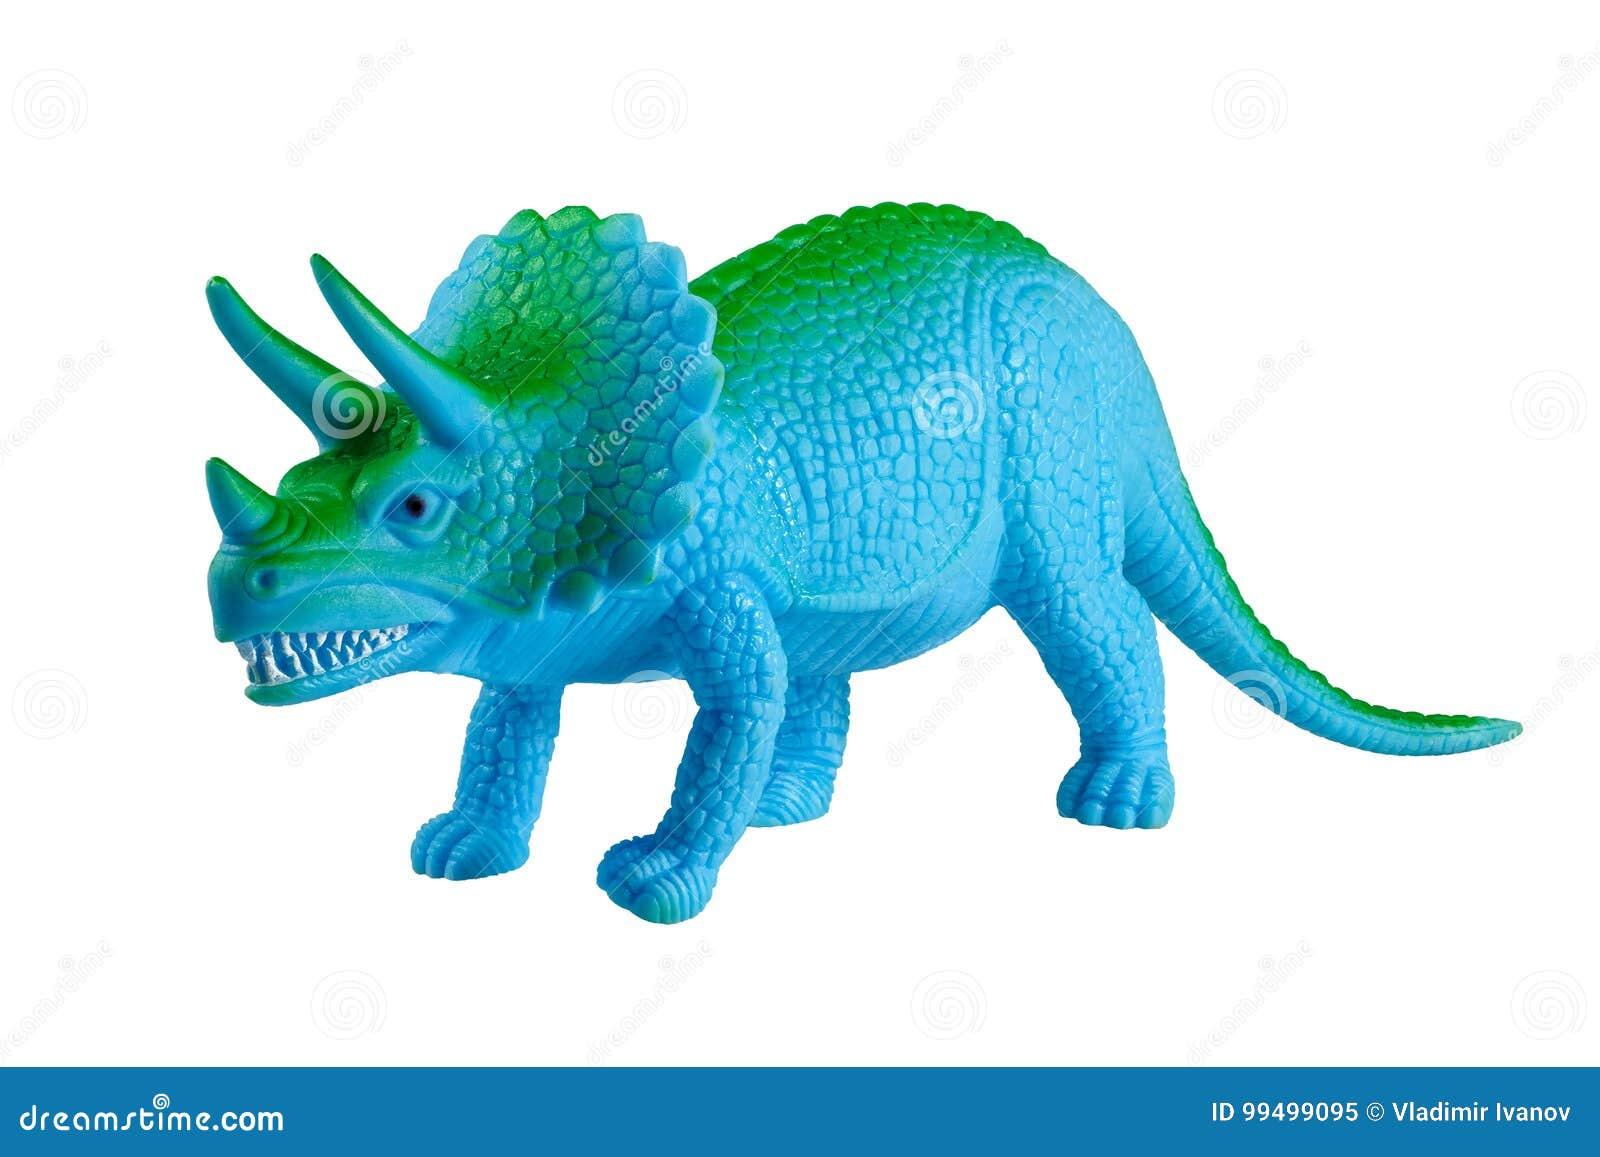 Spielzeugmodell eines Dinosauriers